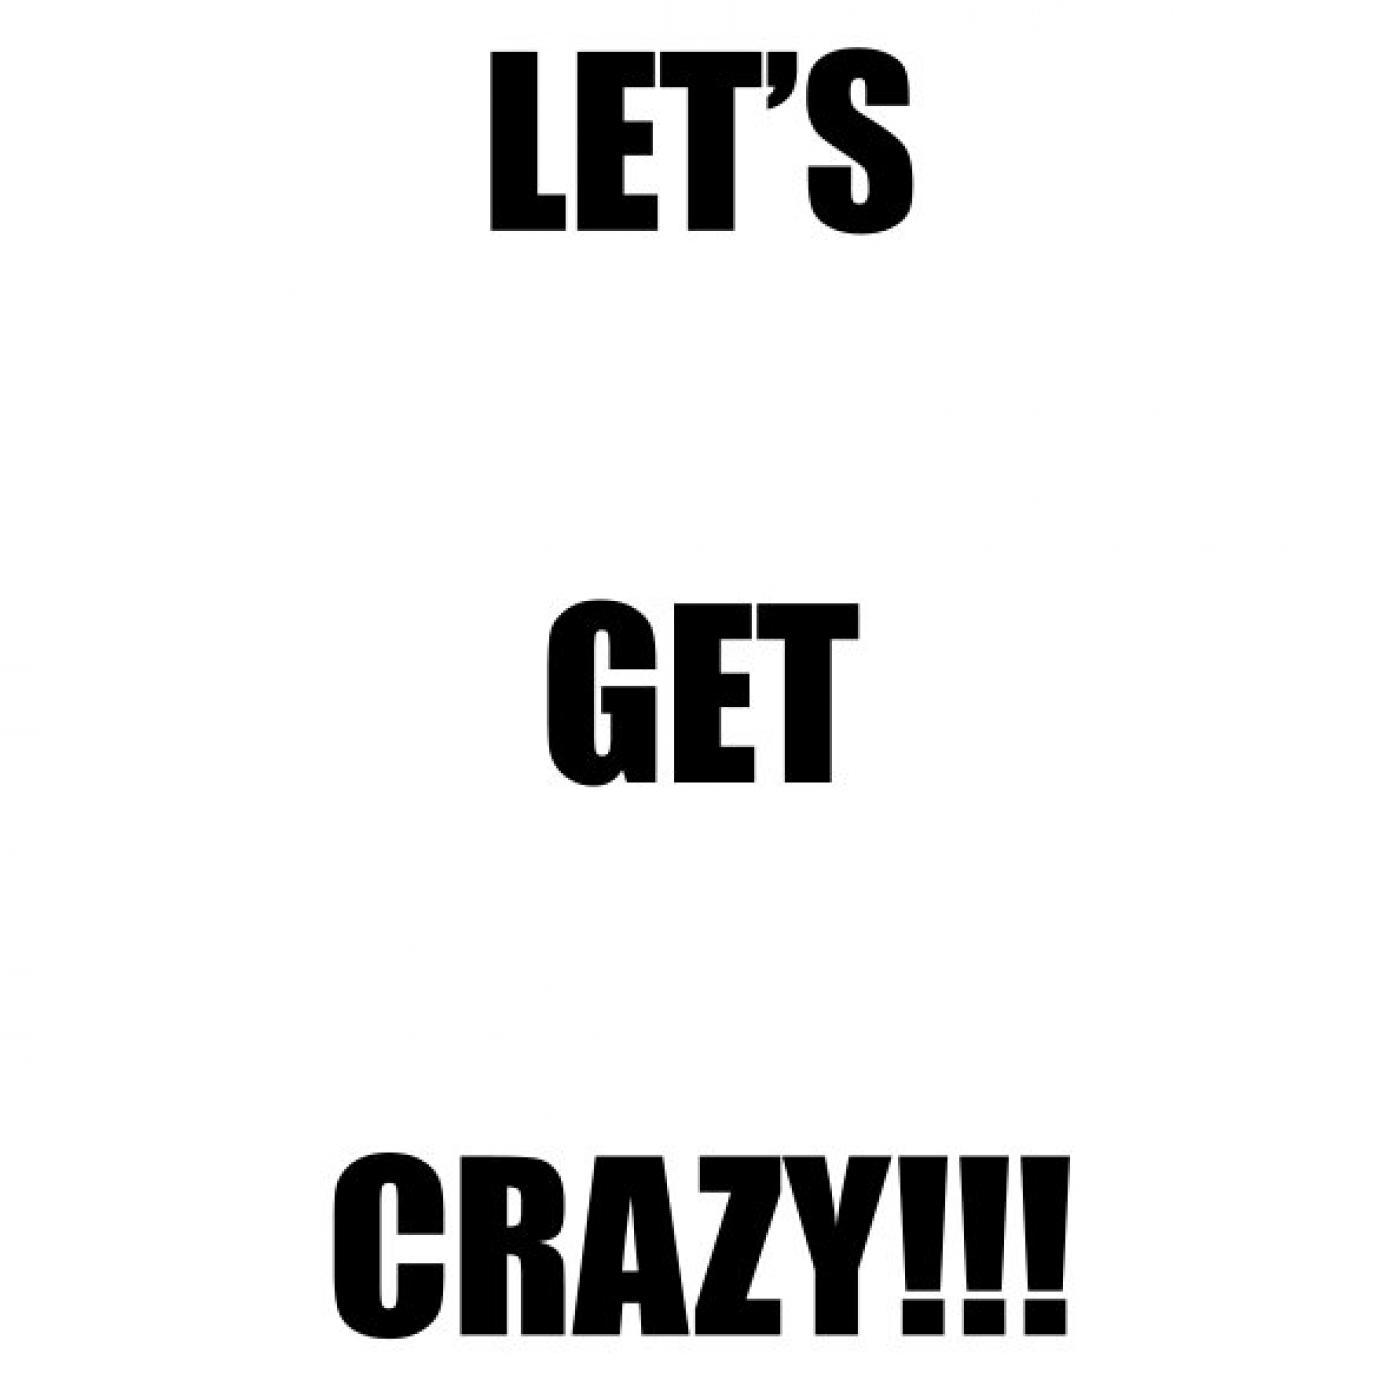 Let's get crazy!!!!